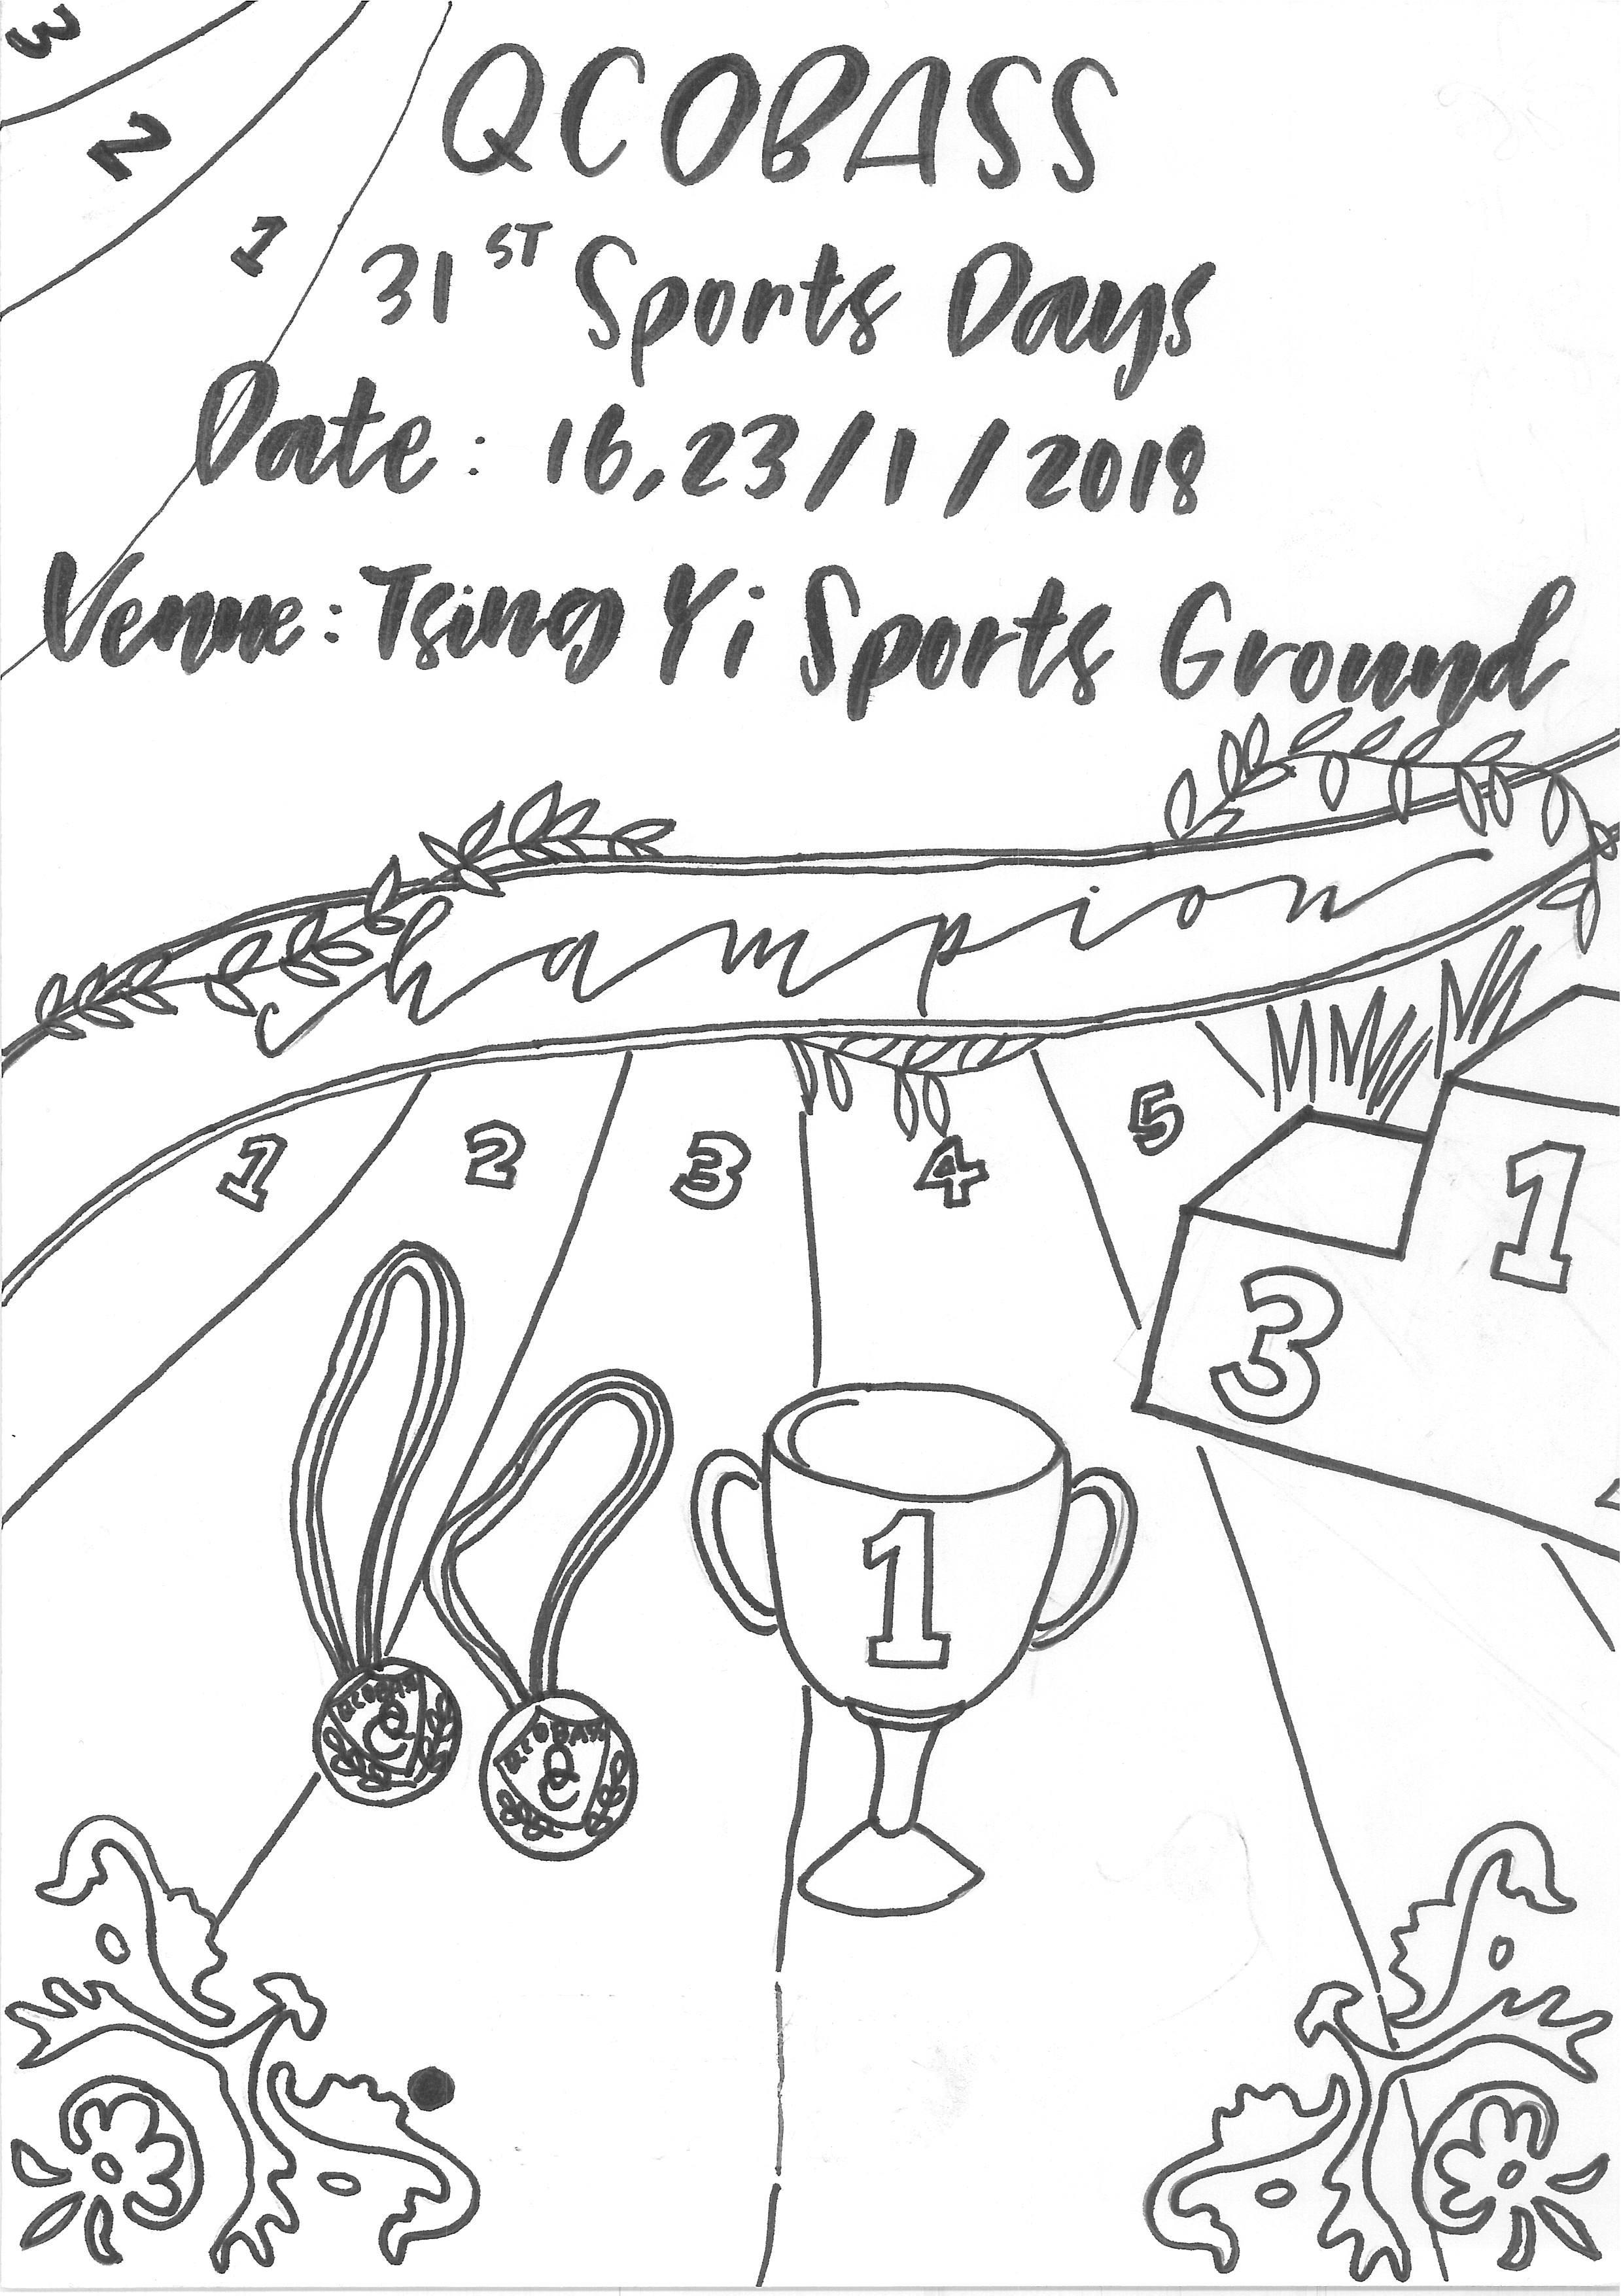 周芯月_1718_021.陸運會場刊封面設計比賽 (投票截止日期1月2日 4:00pm前 ...